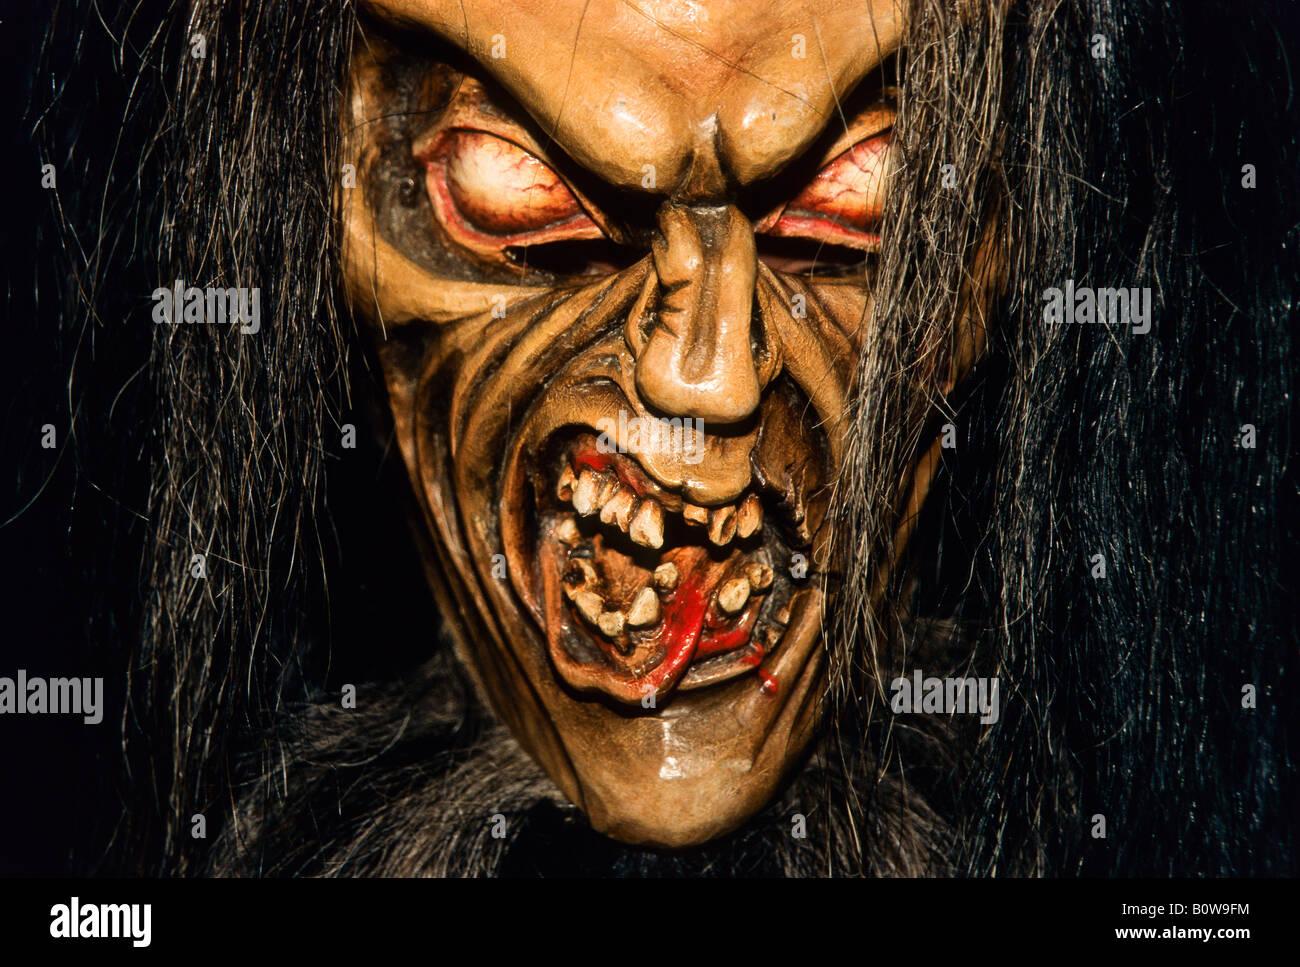 Krampus or devil mask, carved wooden mask - Stock Image